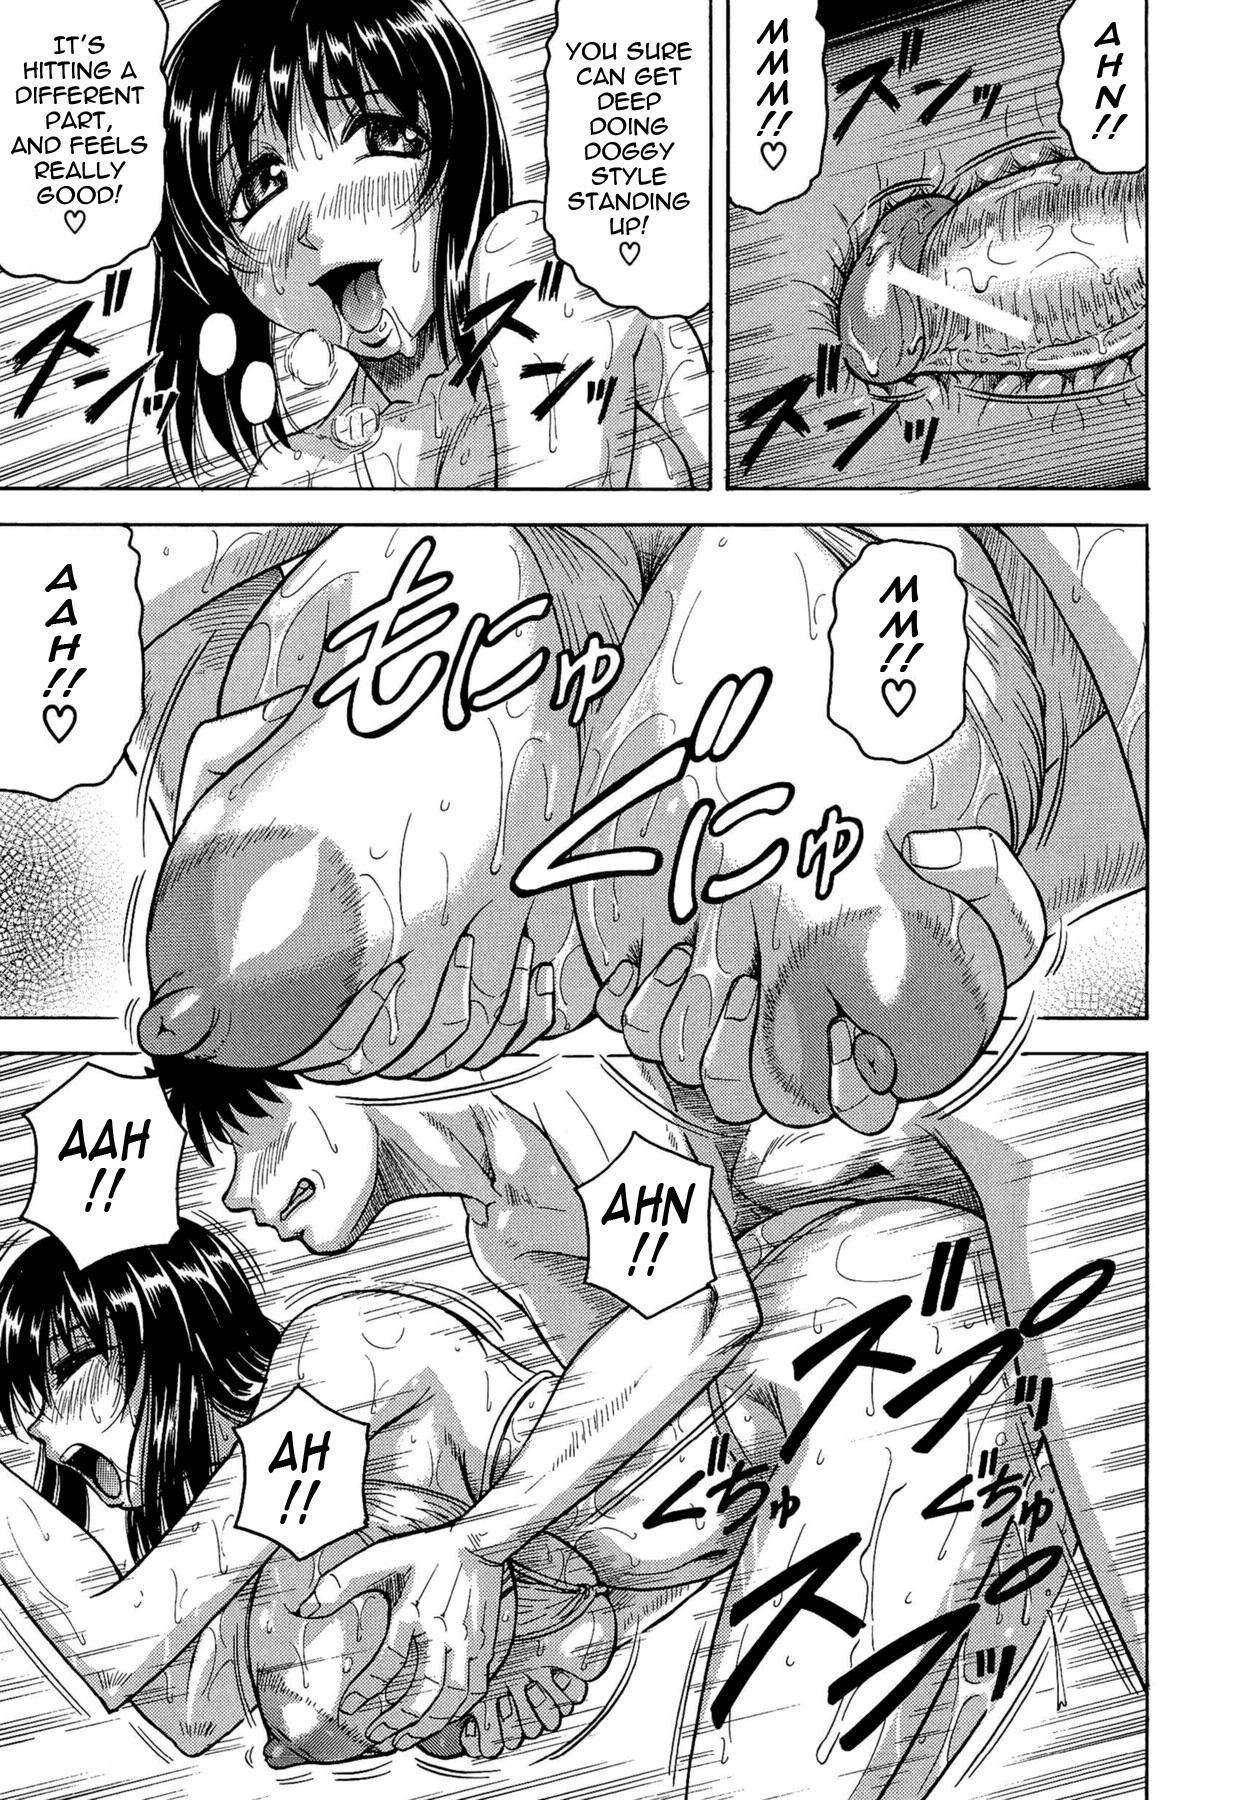 [Jamming] Koibito ha Tonari no Oneesan (Hatsujyouki) | My Lover is the Girl Next Door [English] {Tadanohito} 206